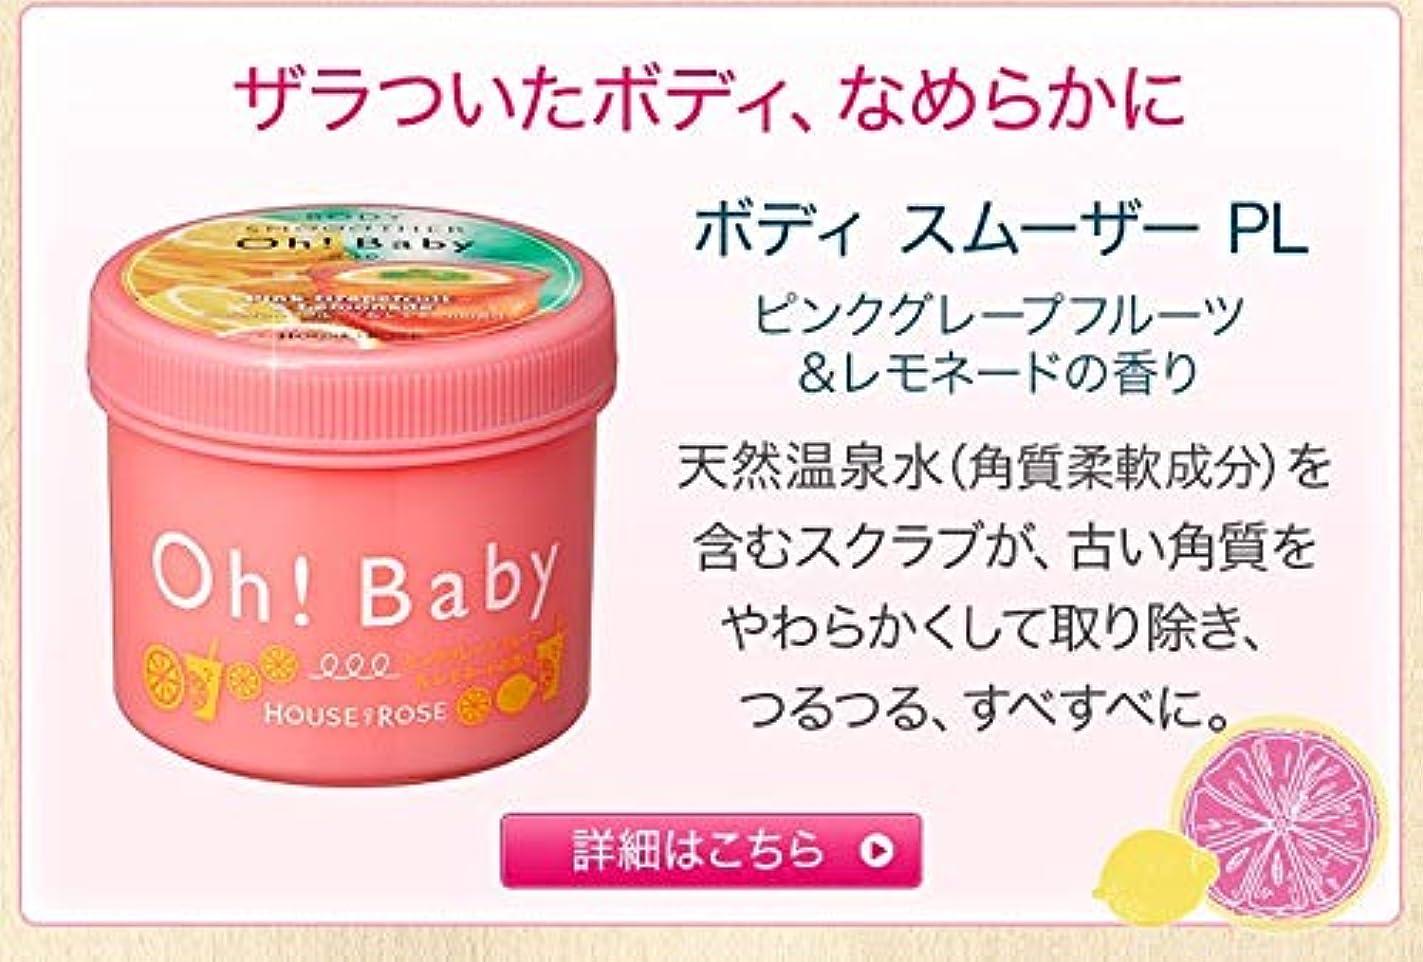 ピッチ廃止するワックスHOUSE OF ROSE(ハウスオブローゼ) ボディ スムーザー PL(ピンクグレープフルーツ&レモネードの香り)350g